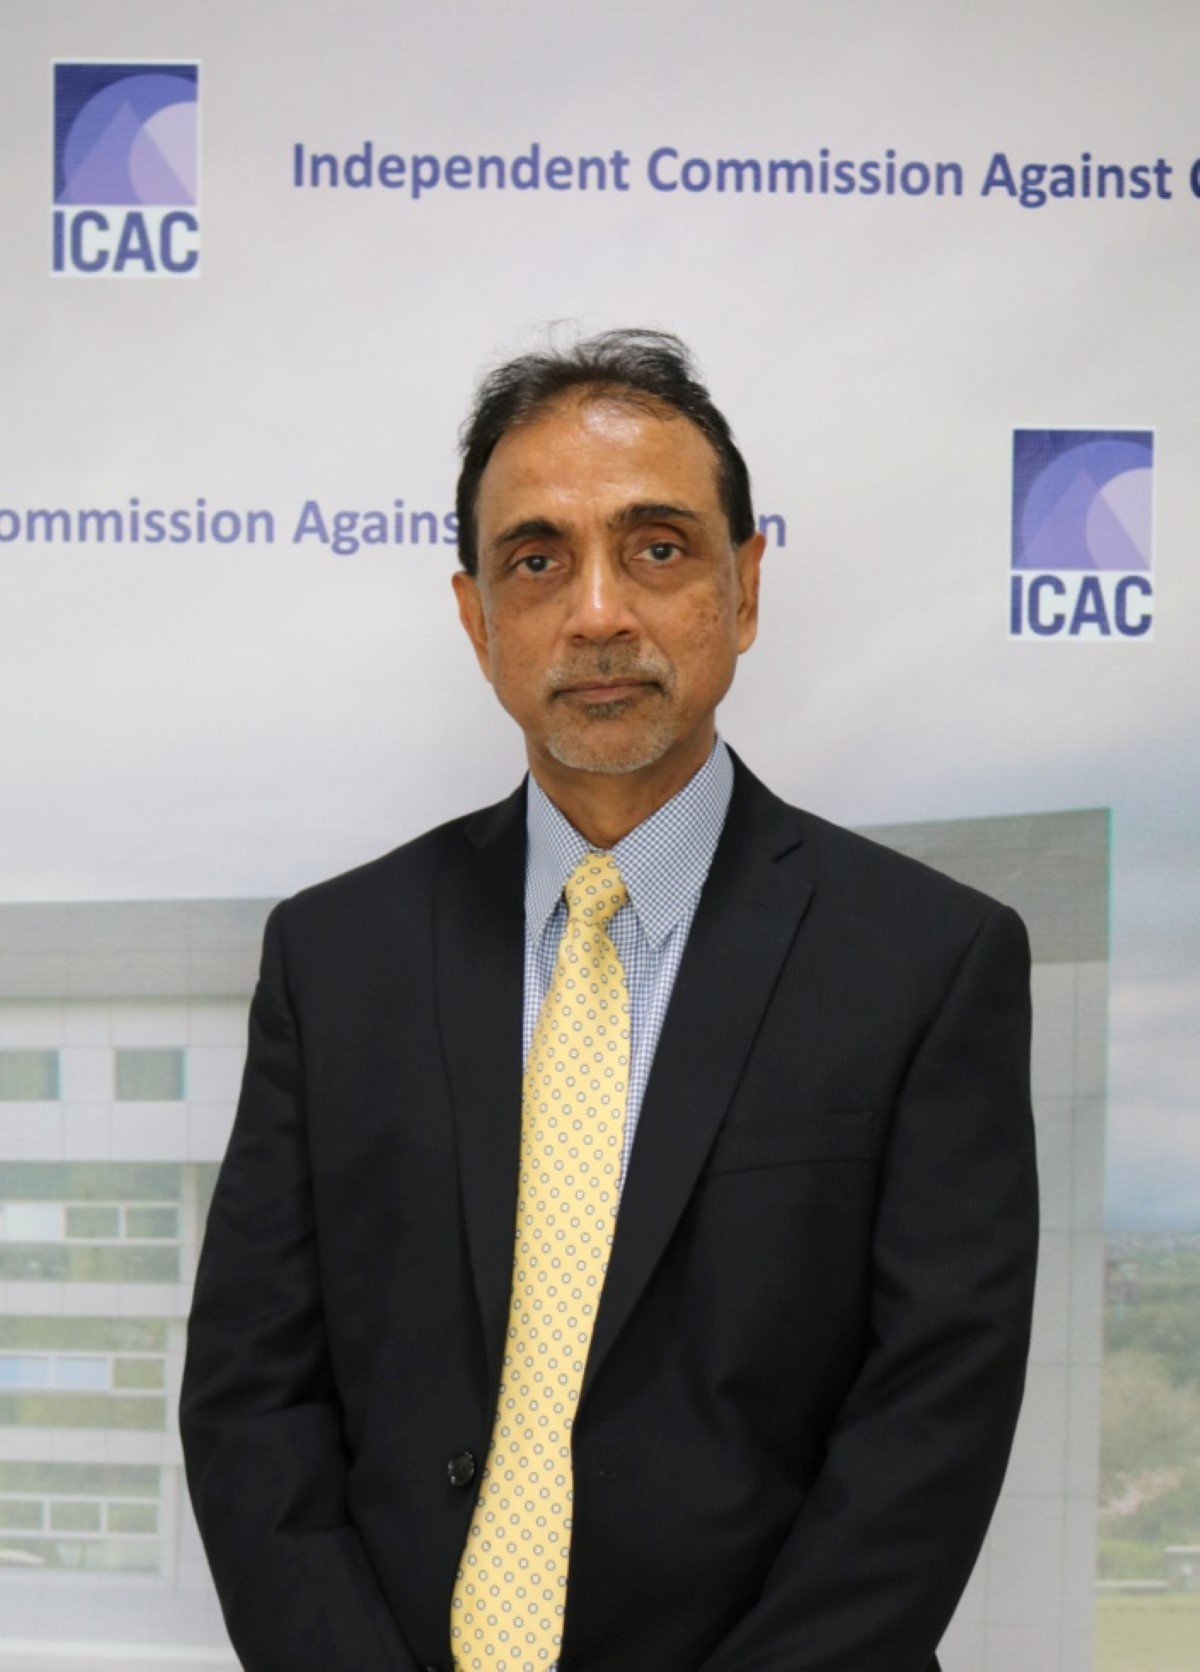 Beekharry fâche les membres du comité parlementaire de l'Icac